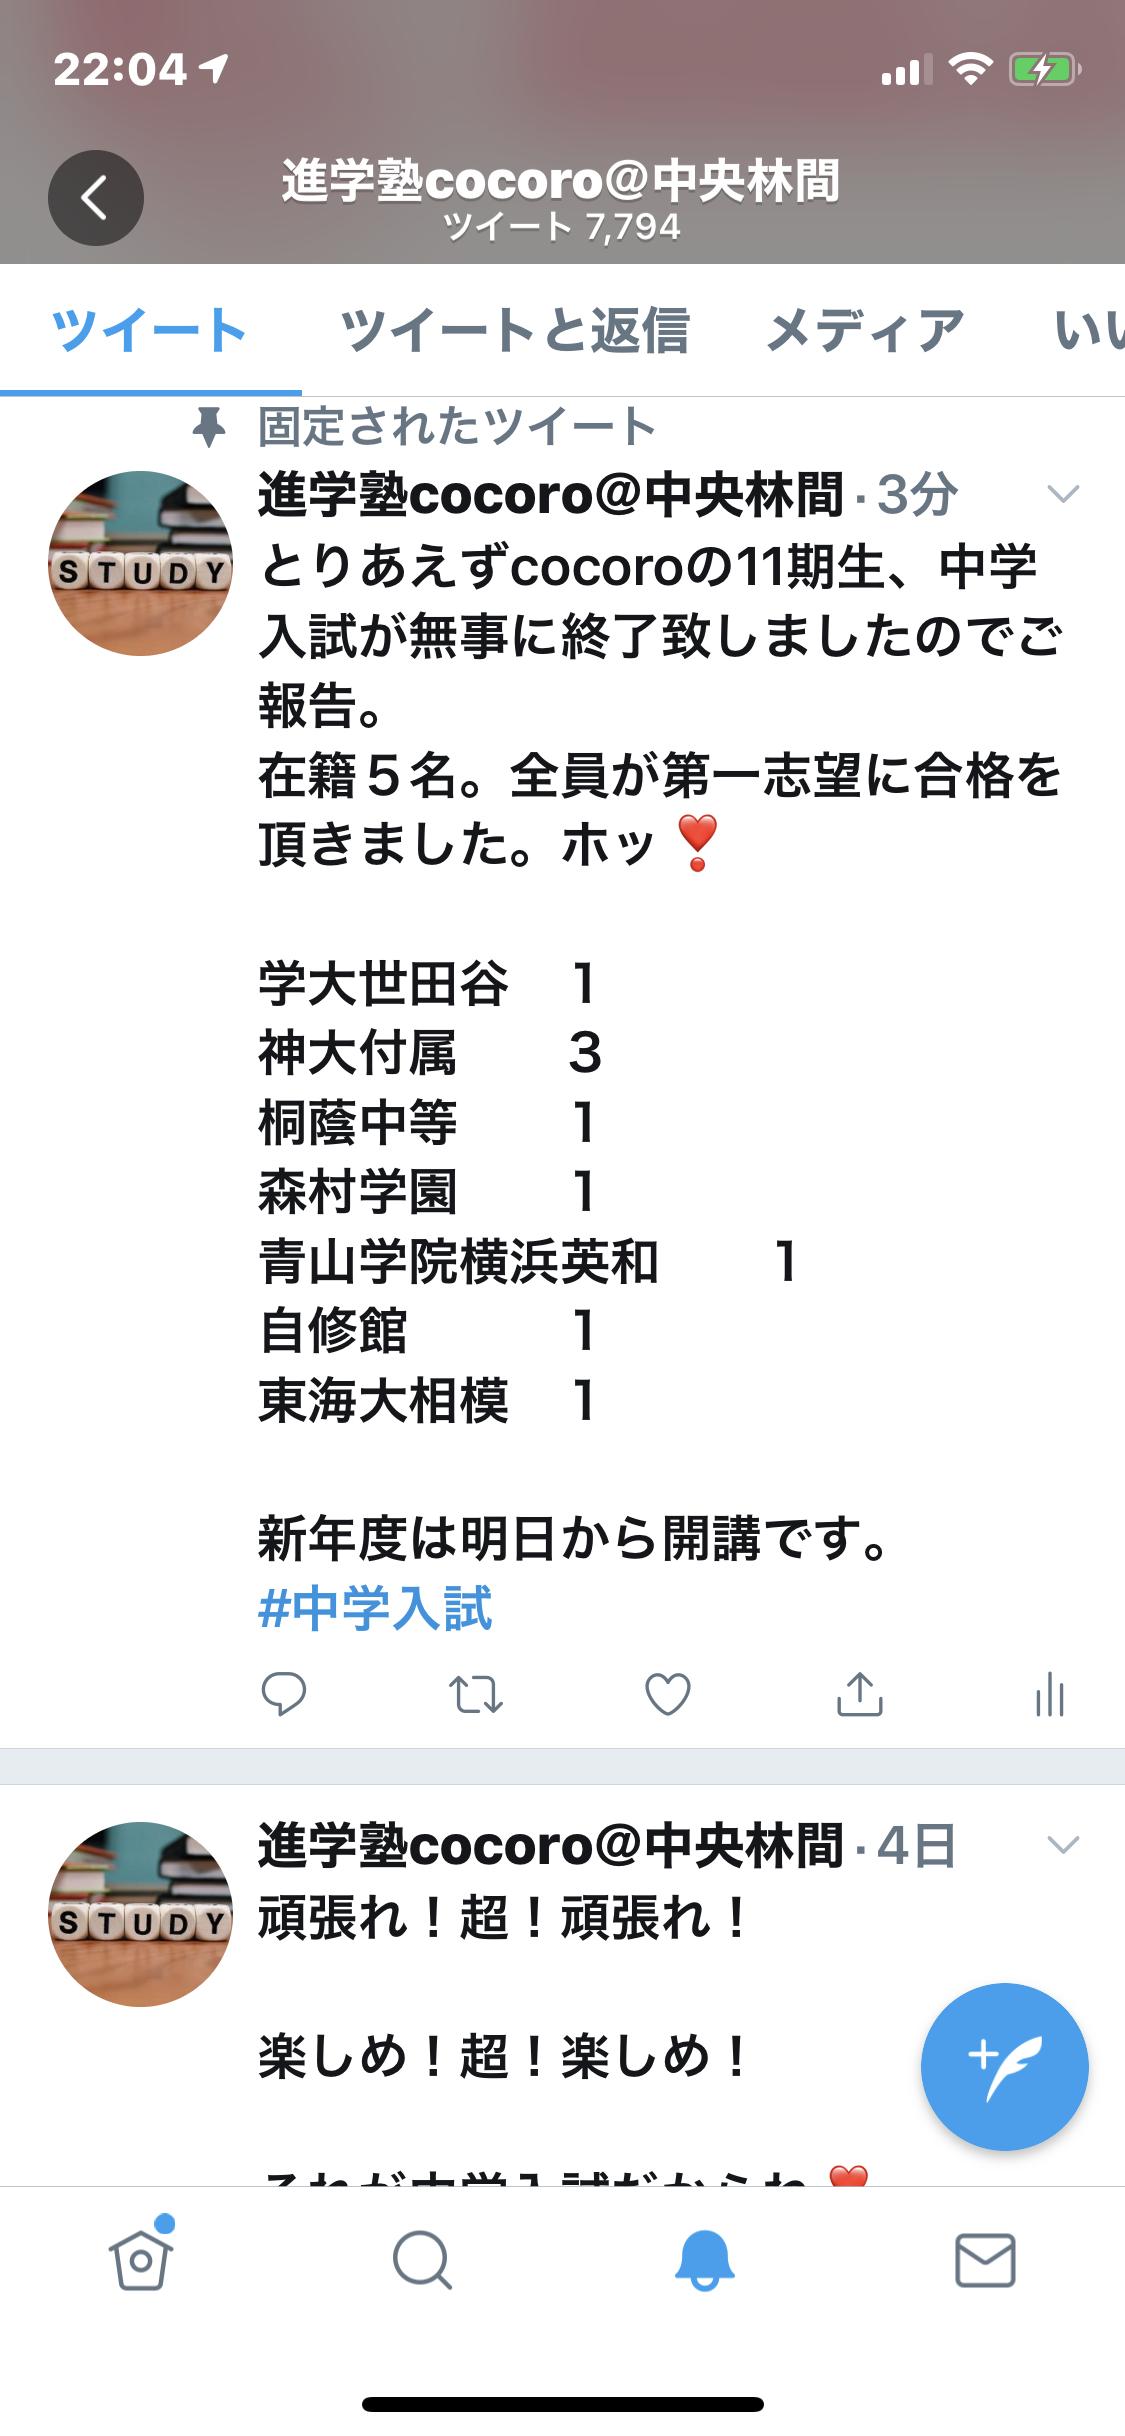 中央林間 塾